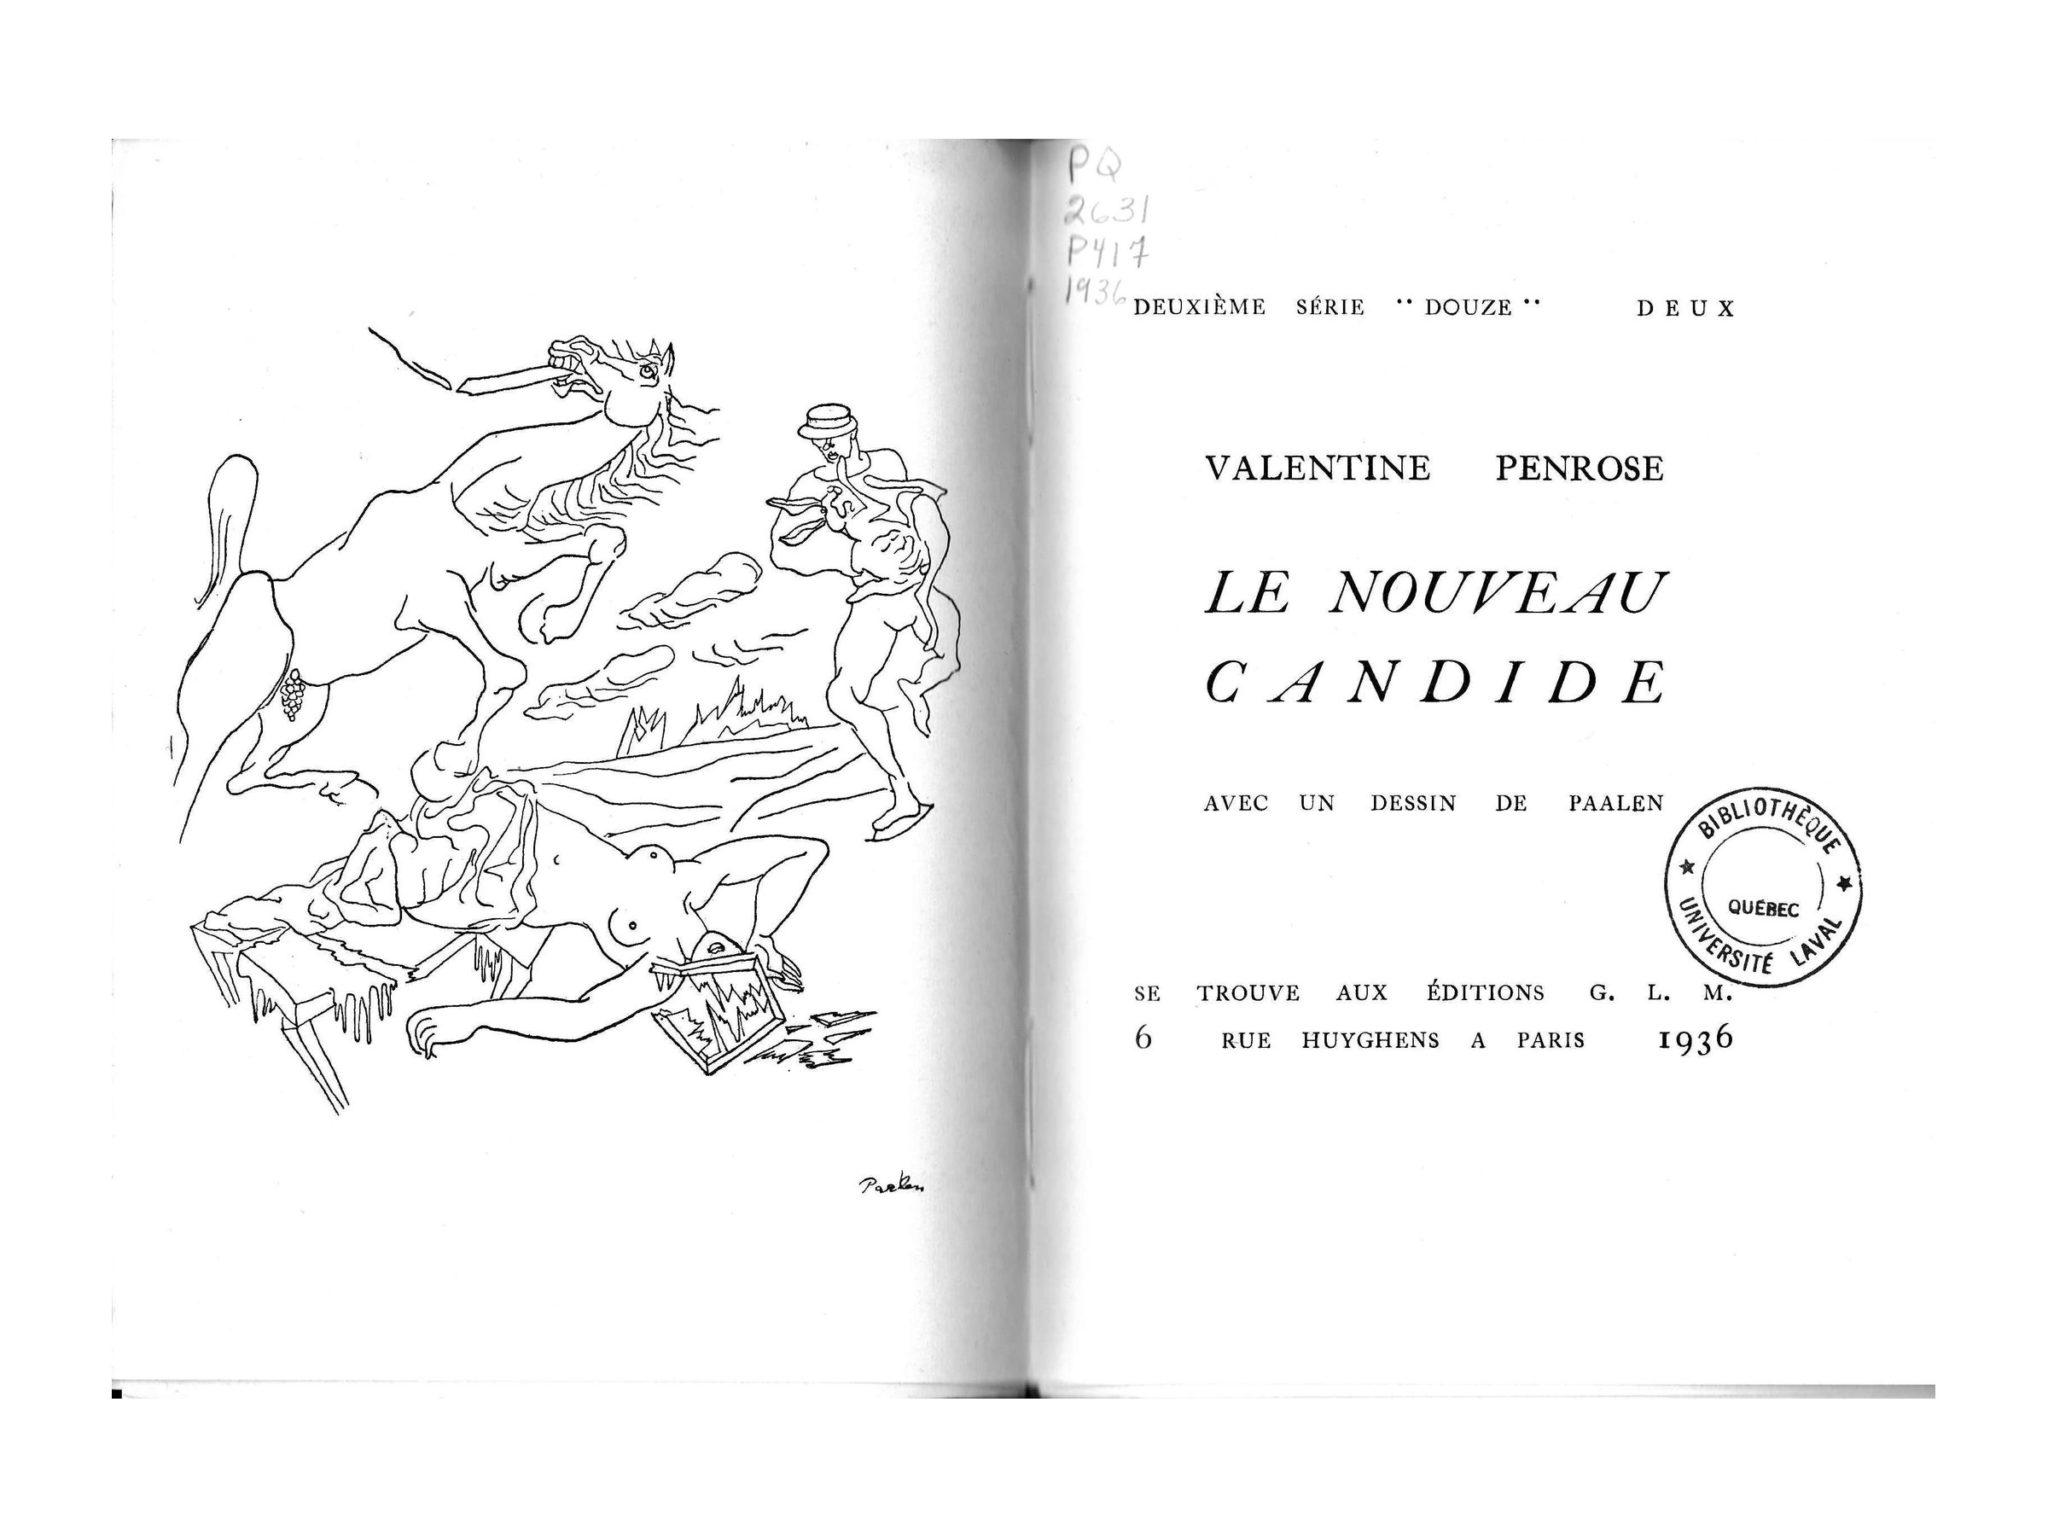 Carrousel-03-Penrose-Valentine_Le-Nouveau-Candide-t